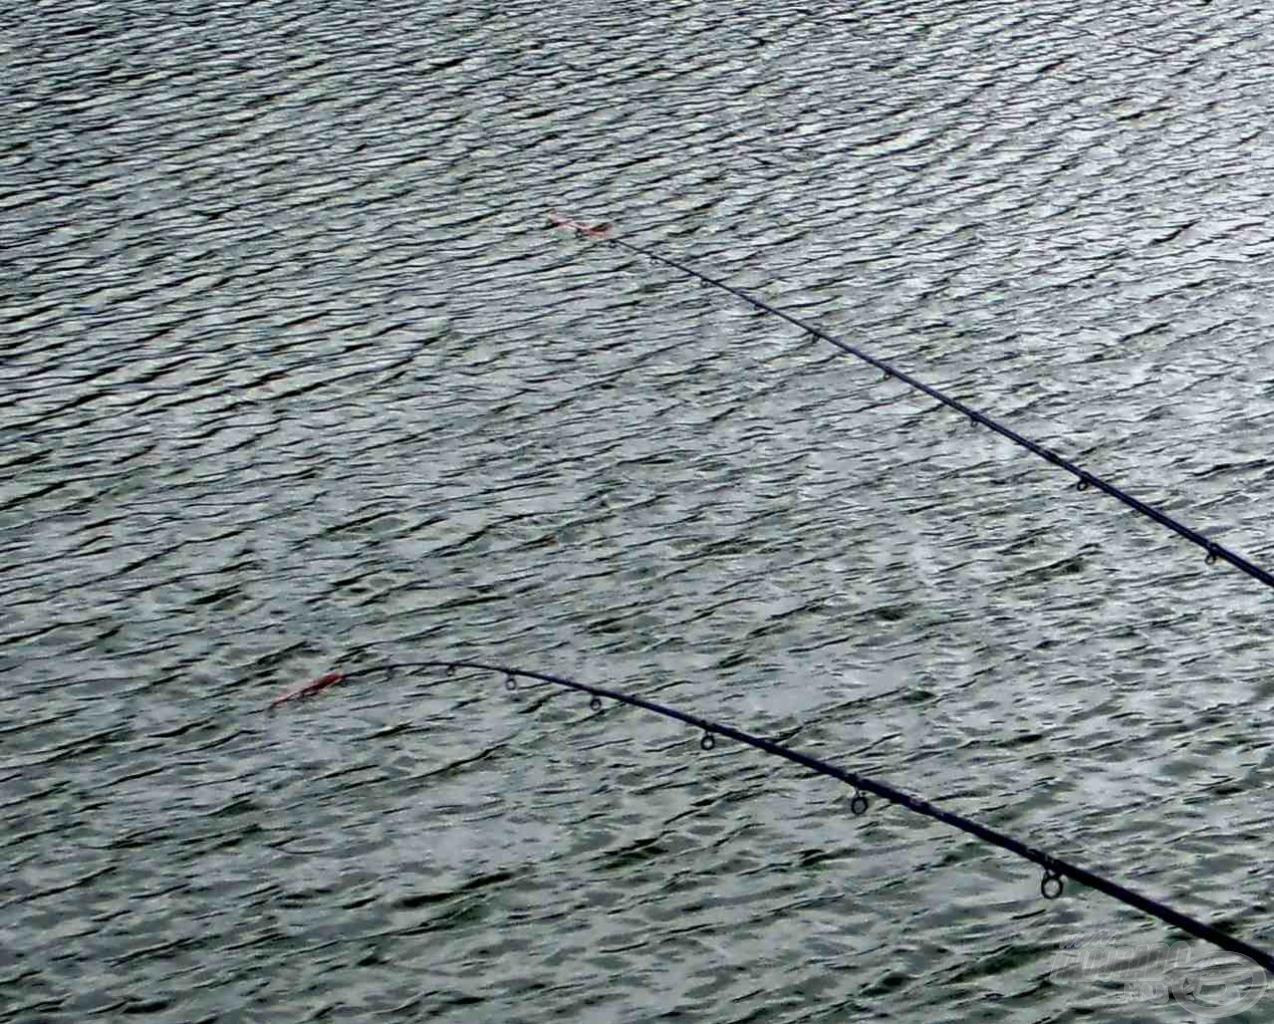 Ilyen botállásnál könnyebben tudja a hal az első kirohanásához szükséges zsinórt lekérni az orsóról. Ha most a bot a szokásos módon lett volna lerakva, valószínűleg a vízben kötött volna ki!